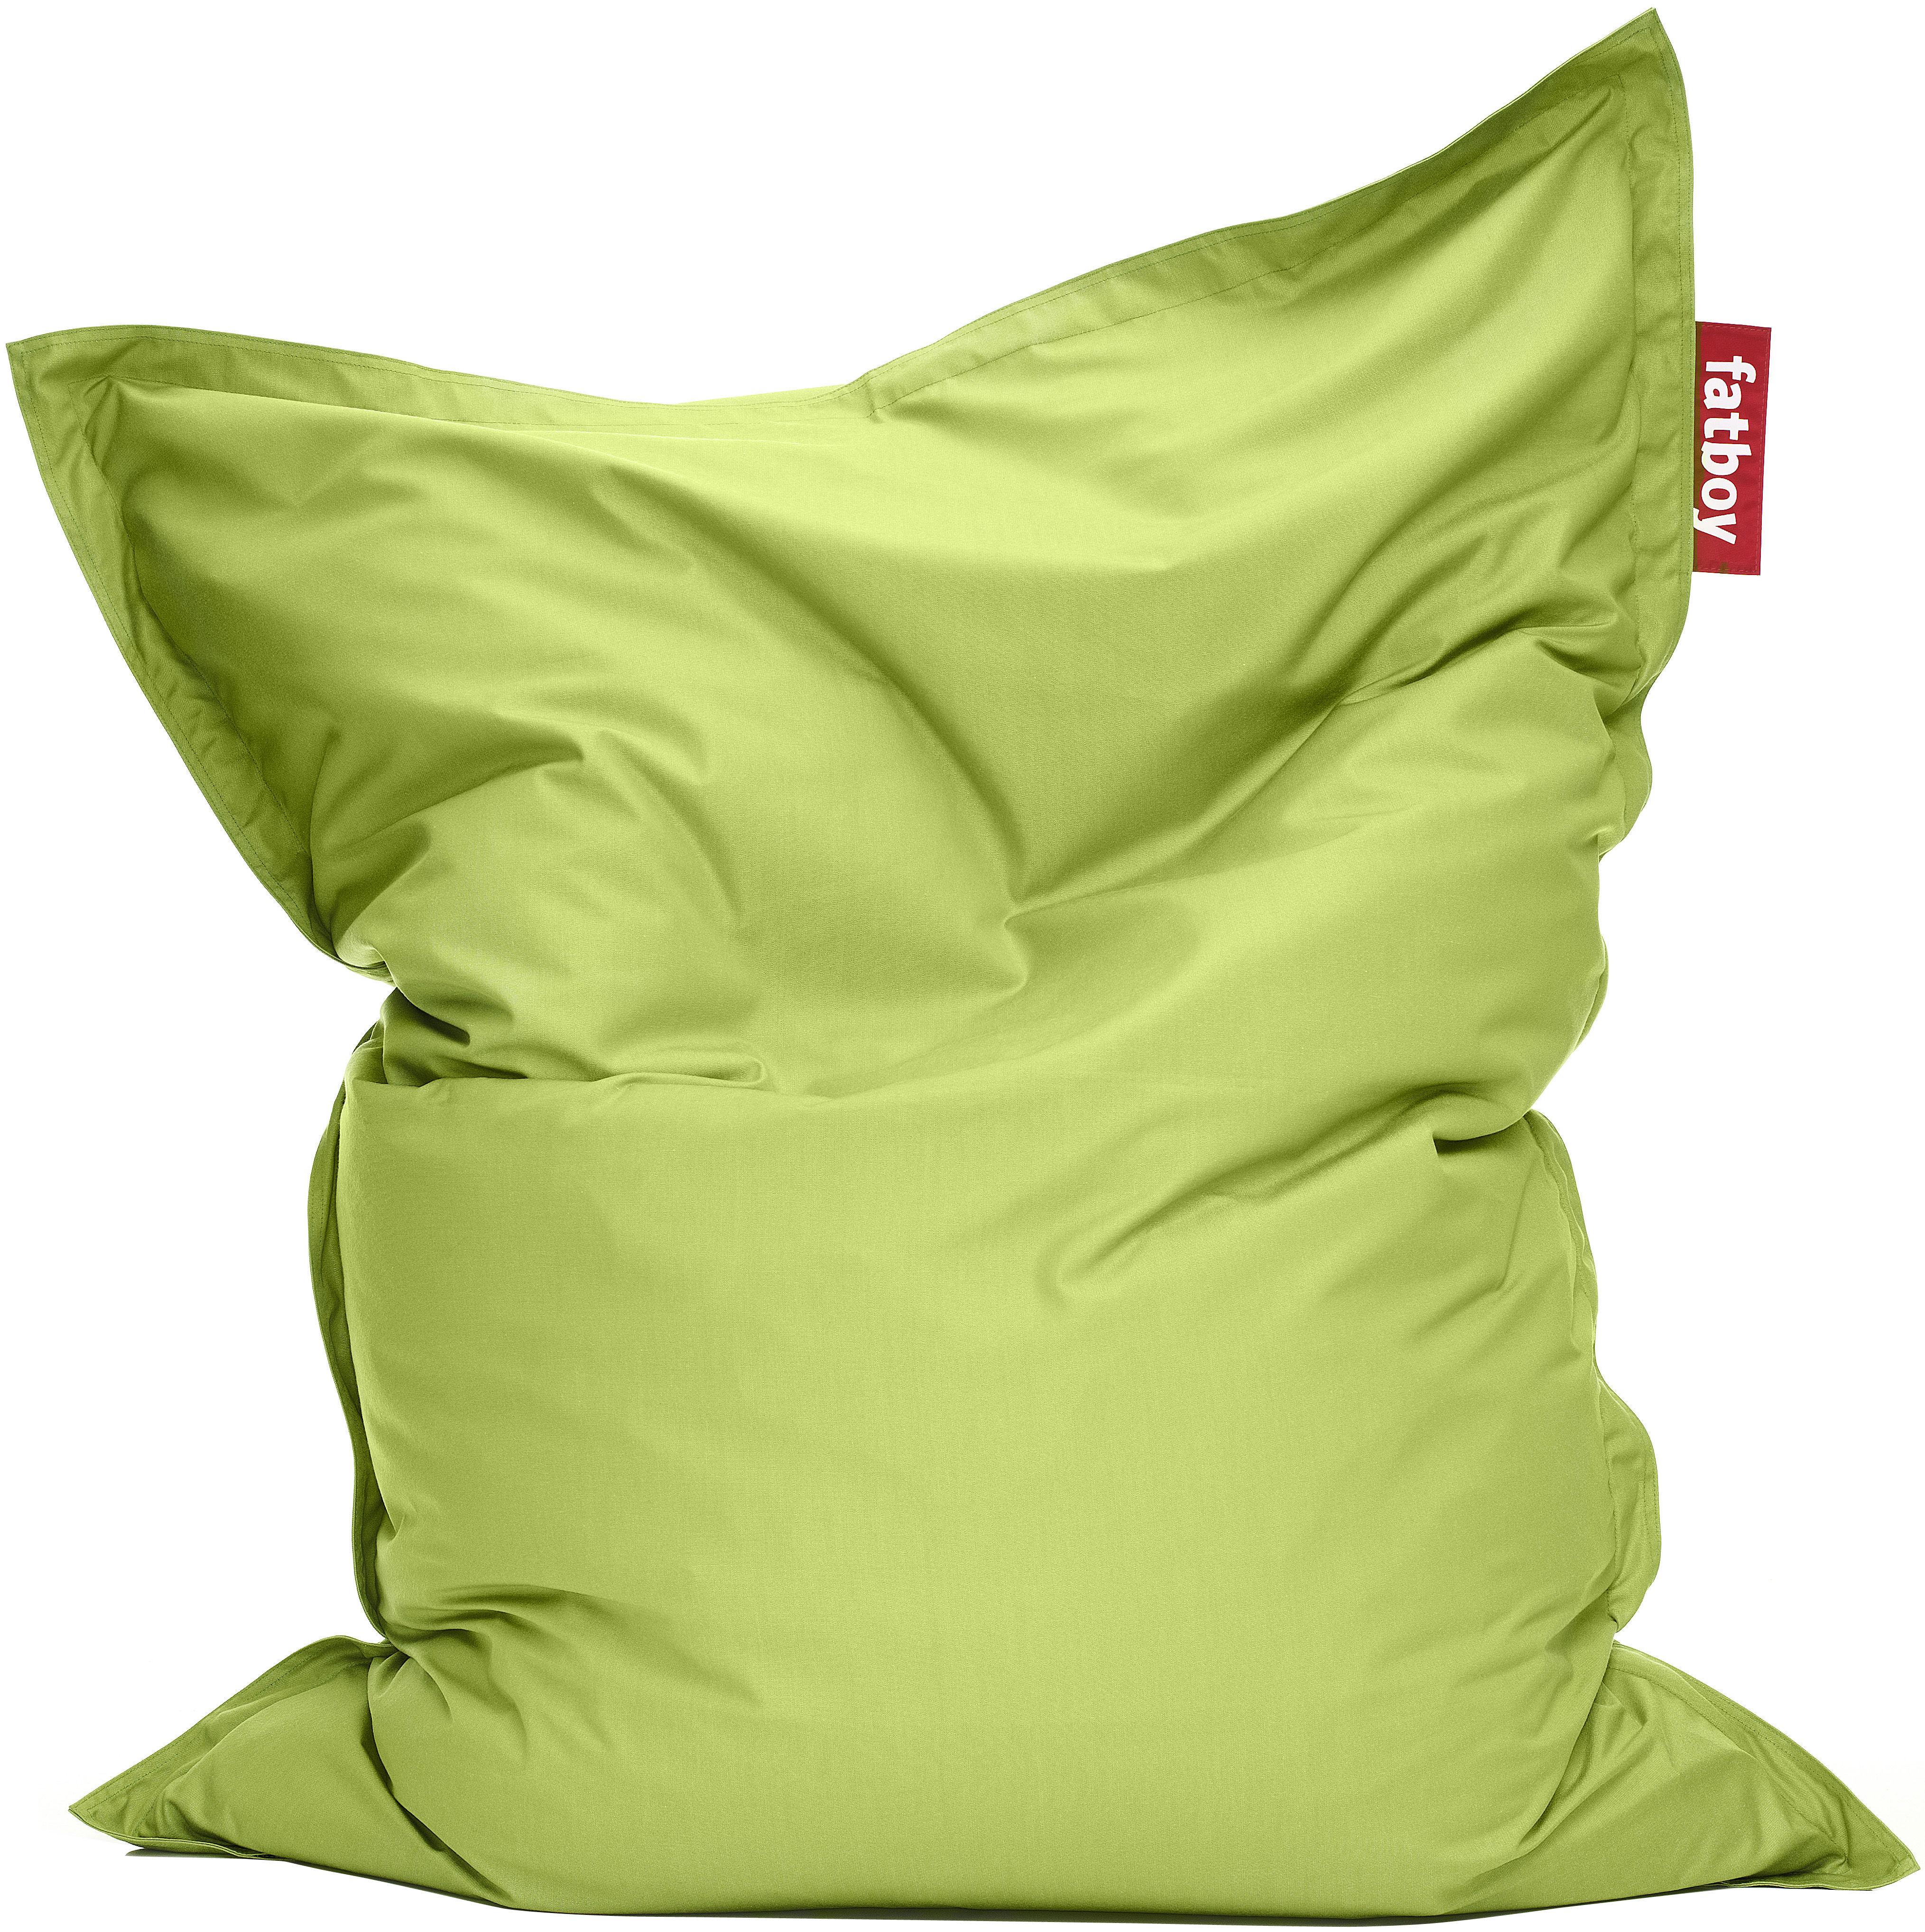 Mobilier - Mobilier Ados - Pouf The Original Outdoor / Pour l'extérieur - Fatboy - Citron vert - Microbilles de polystyrène, Toile acrylique